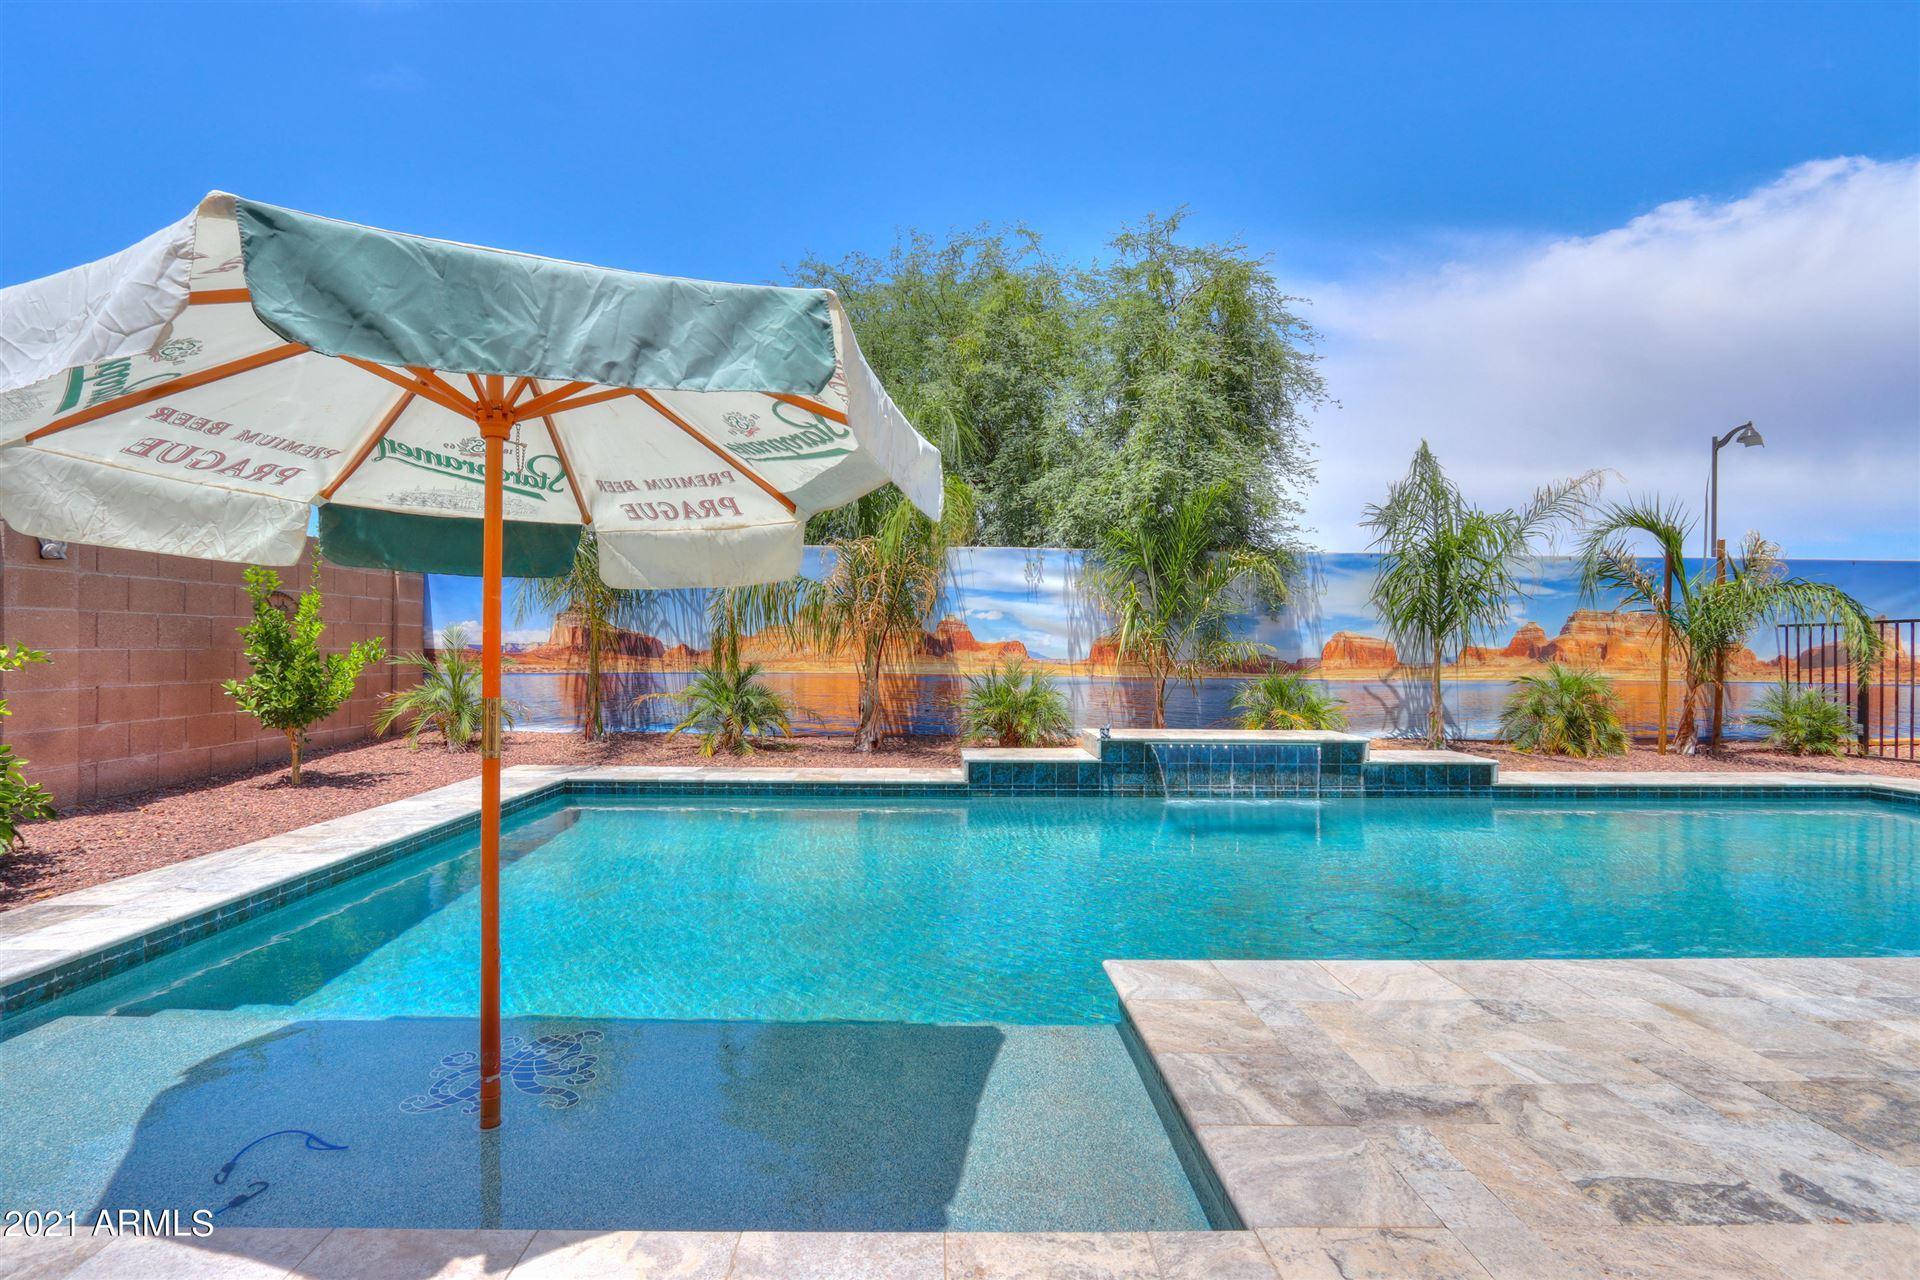 Photo for 44400 W EDDIE Way, Maricopa, AZ 85138 (MLS # 6247025)